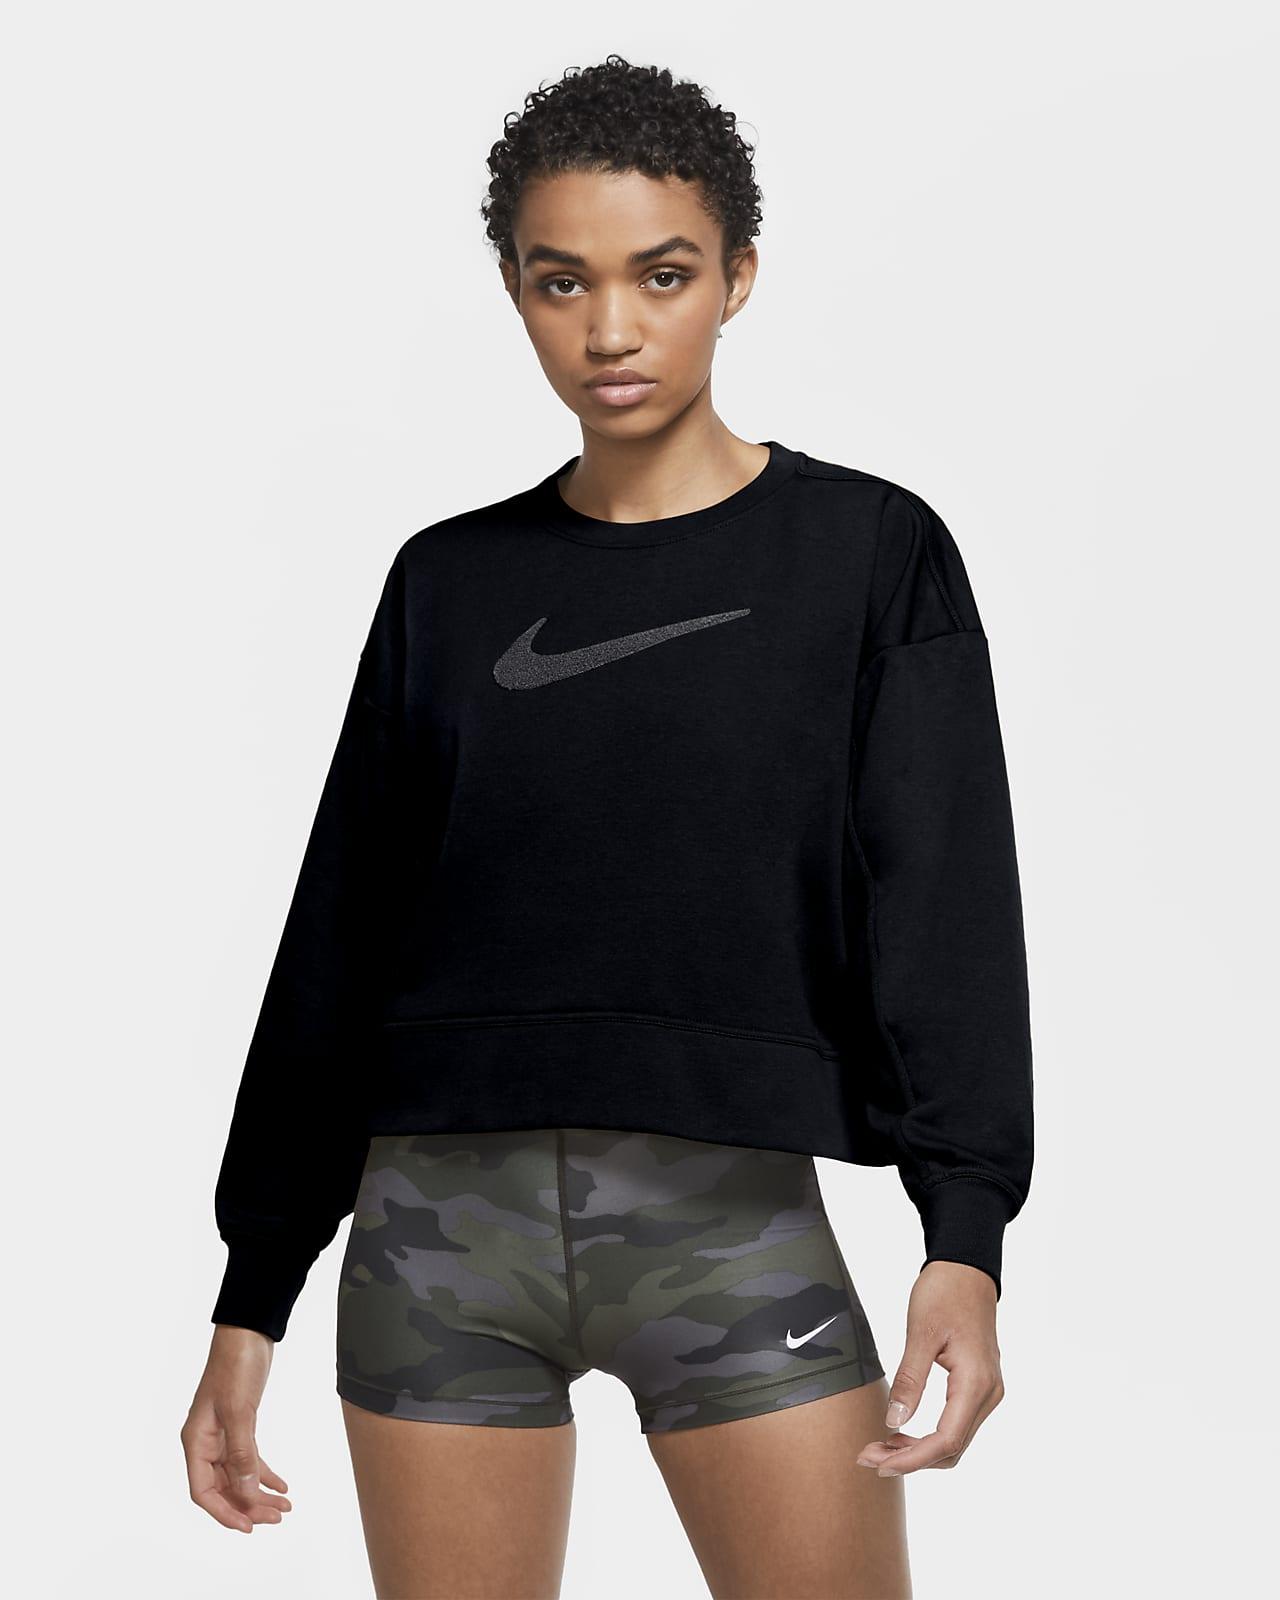 Nike Dri-FIT Get Fit Women's Swoosh Training Crew